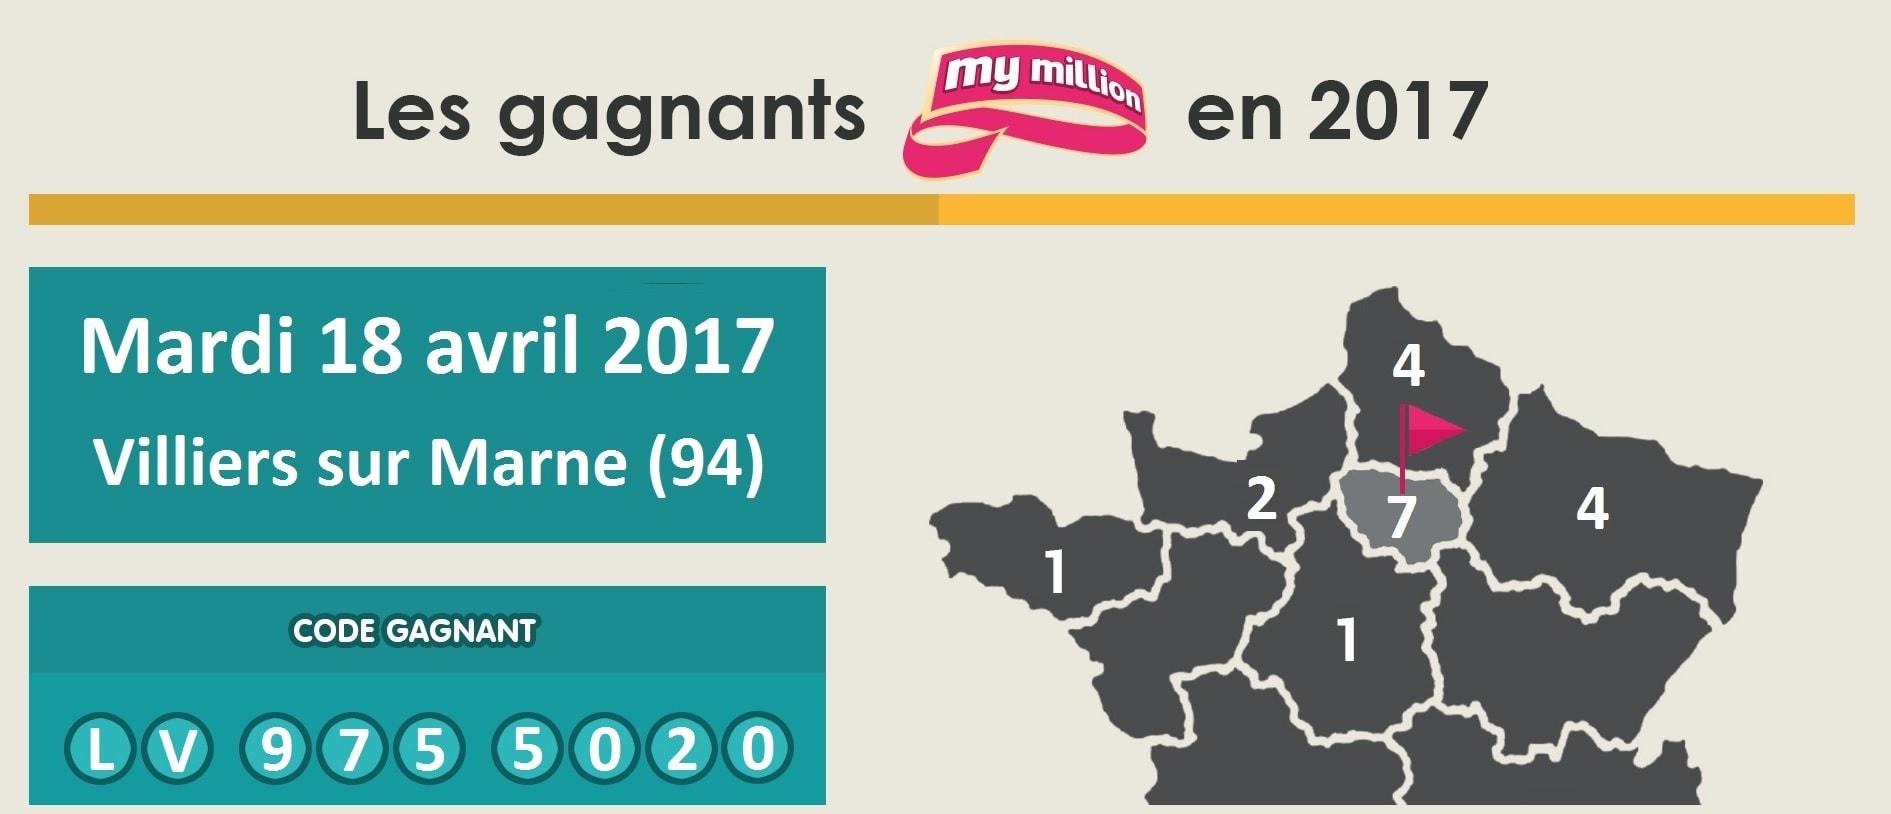 My Million : un gagnant à Villiers sur Marne (94)